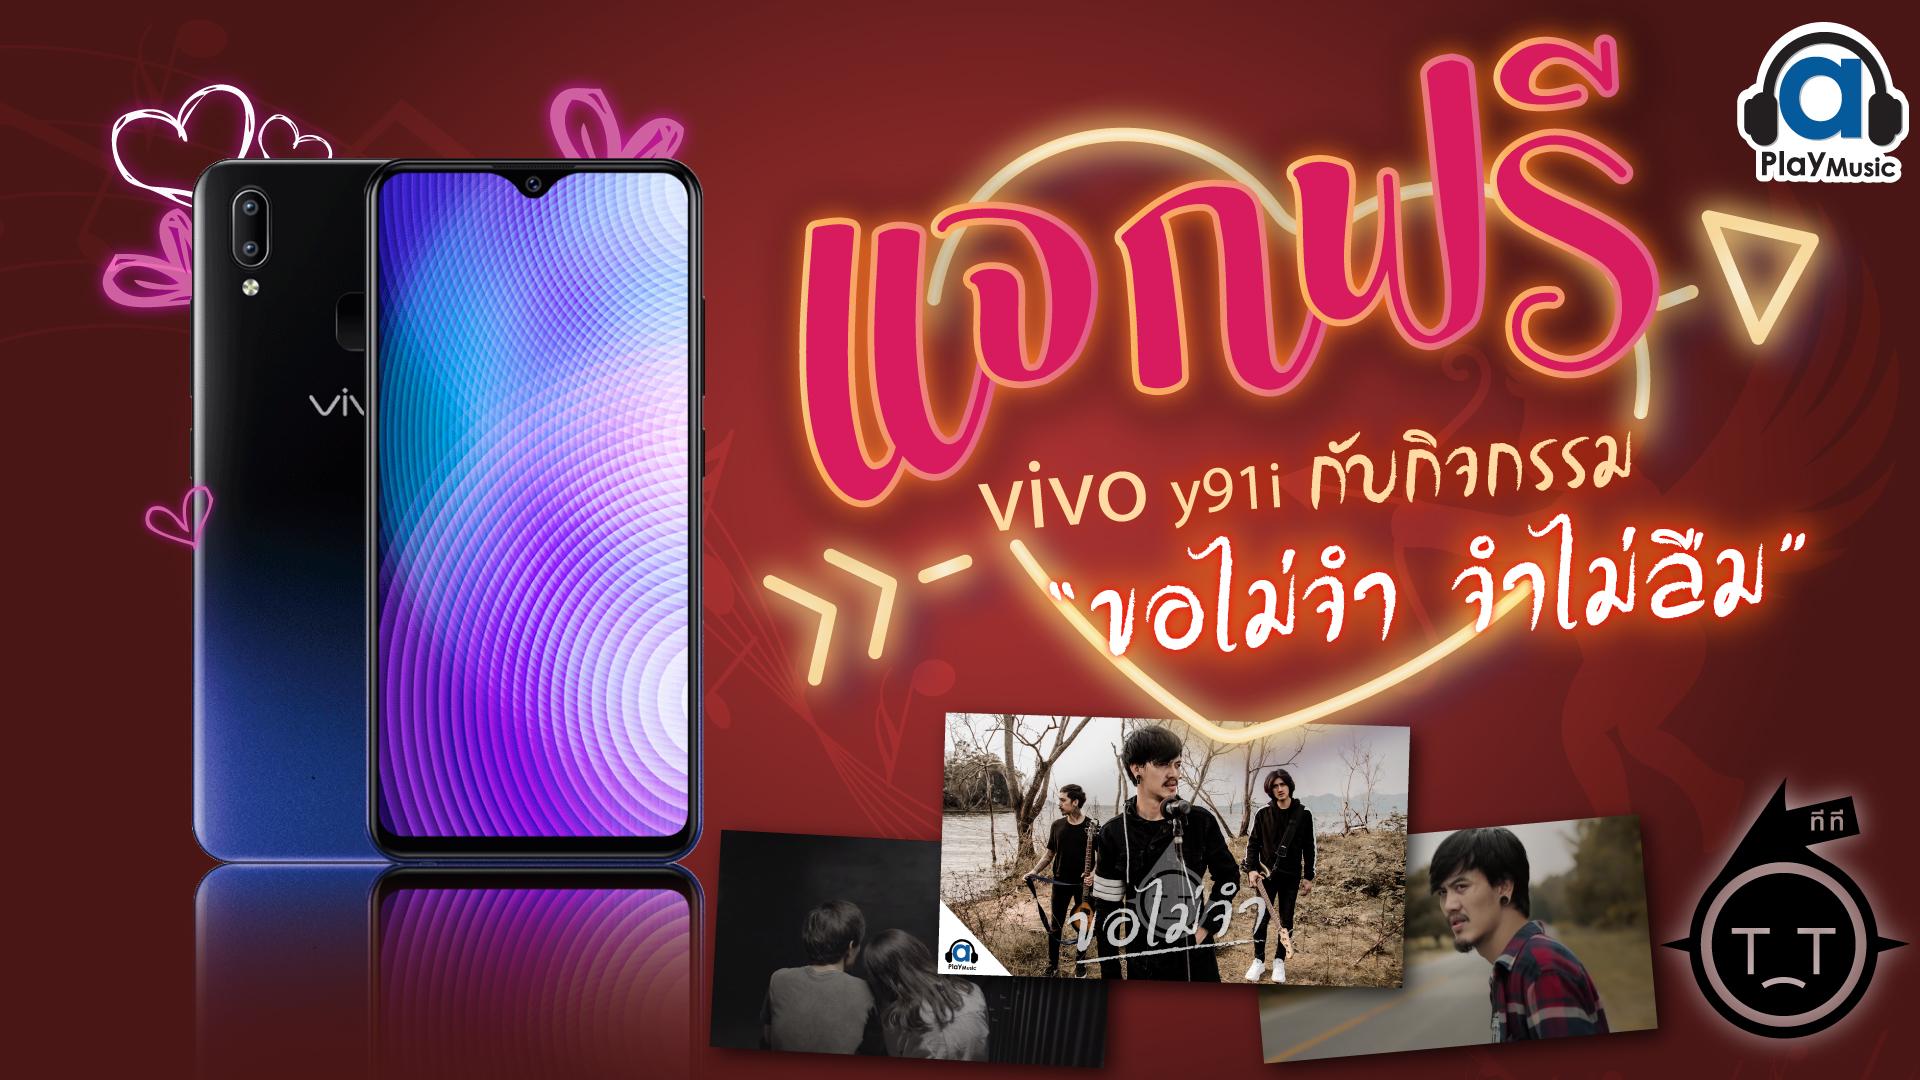 """แจกฟรี ‼️ โทรศัพท์มือถือ vivo y91i กับกิจกรรม """"ขอไม่จำ จำไม่ลืม"""""""